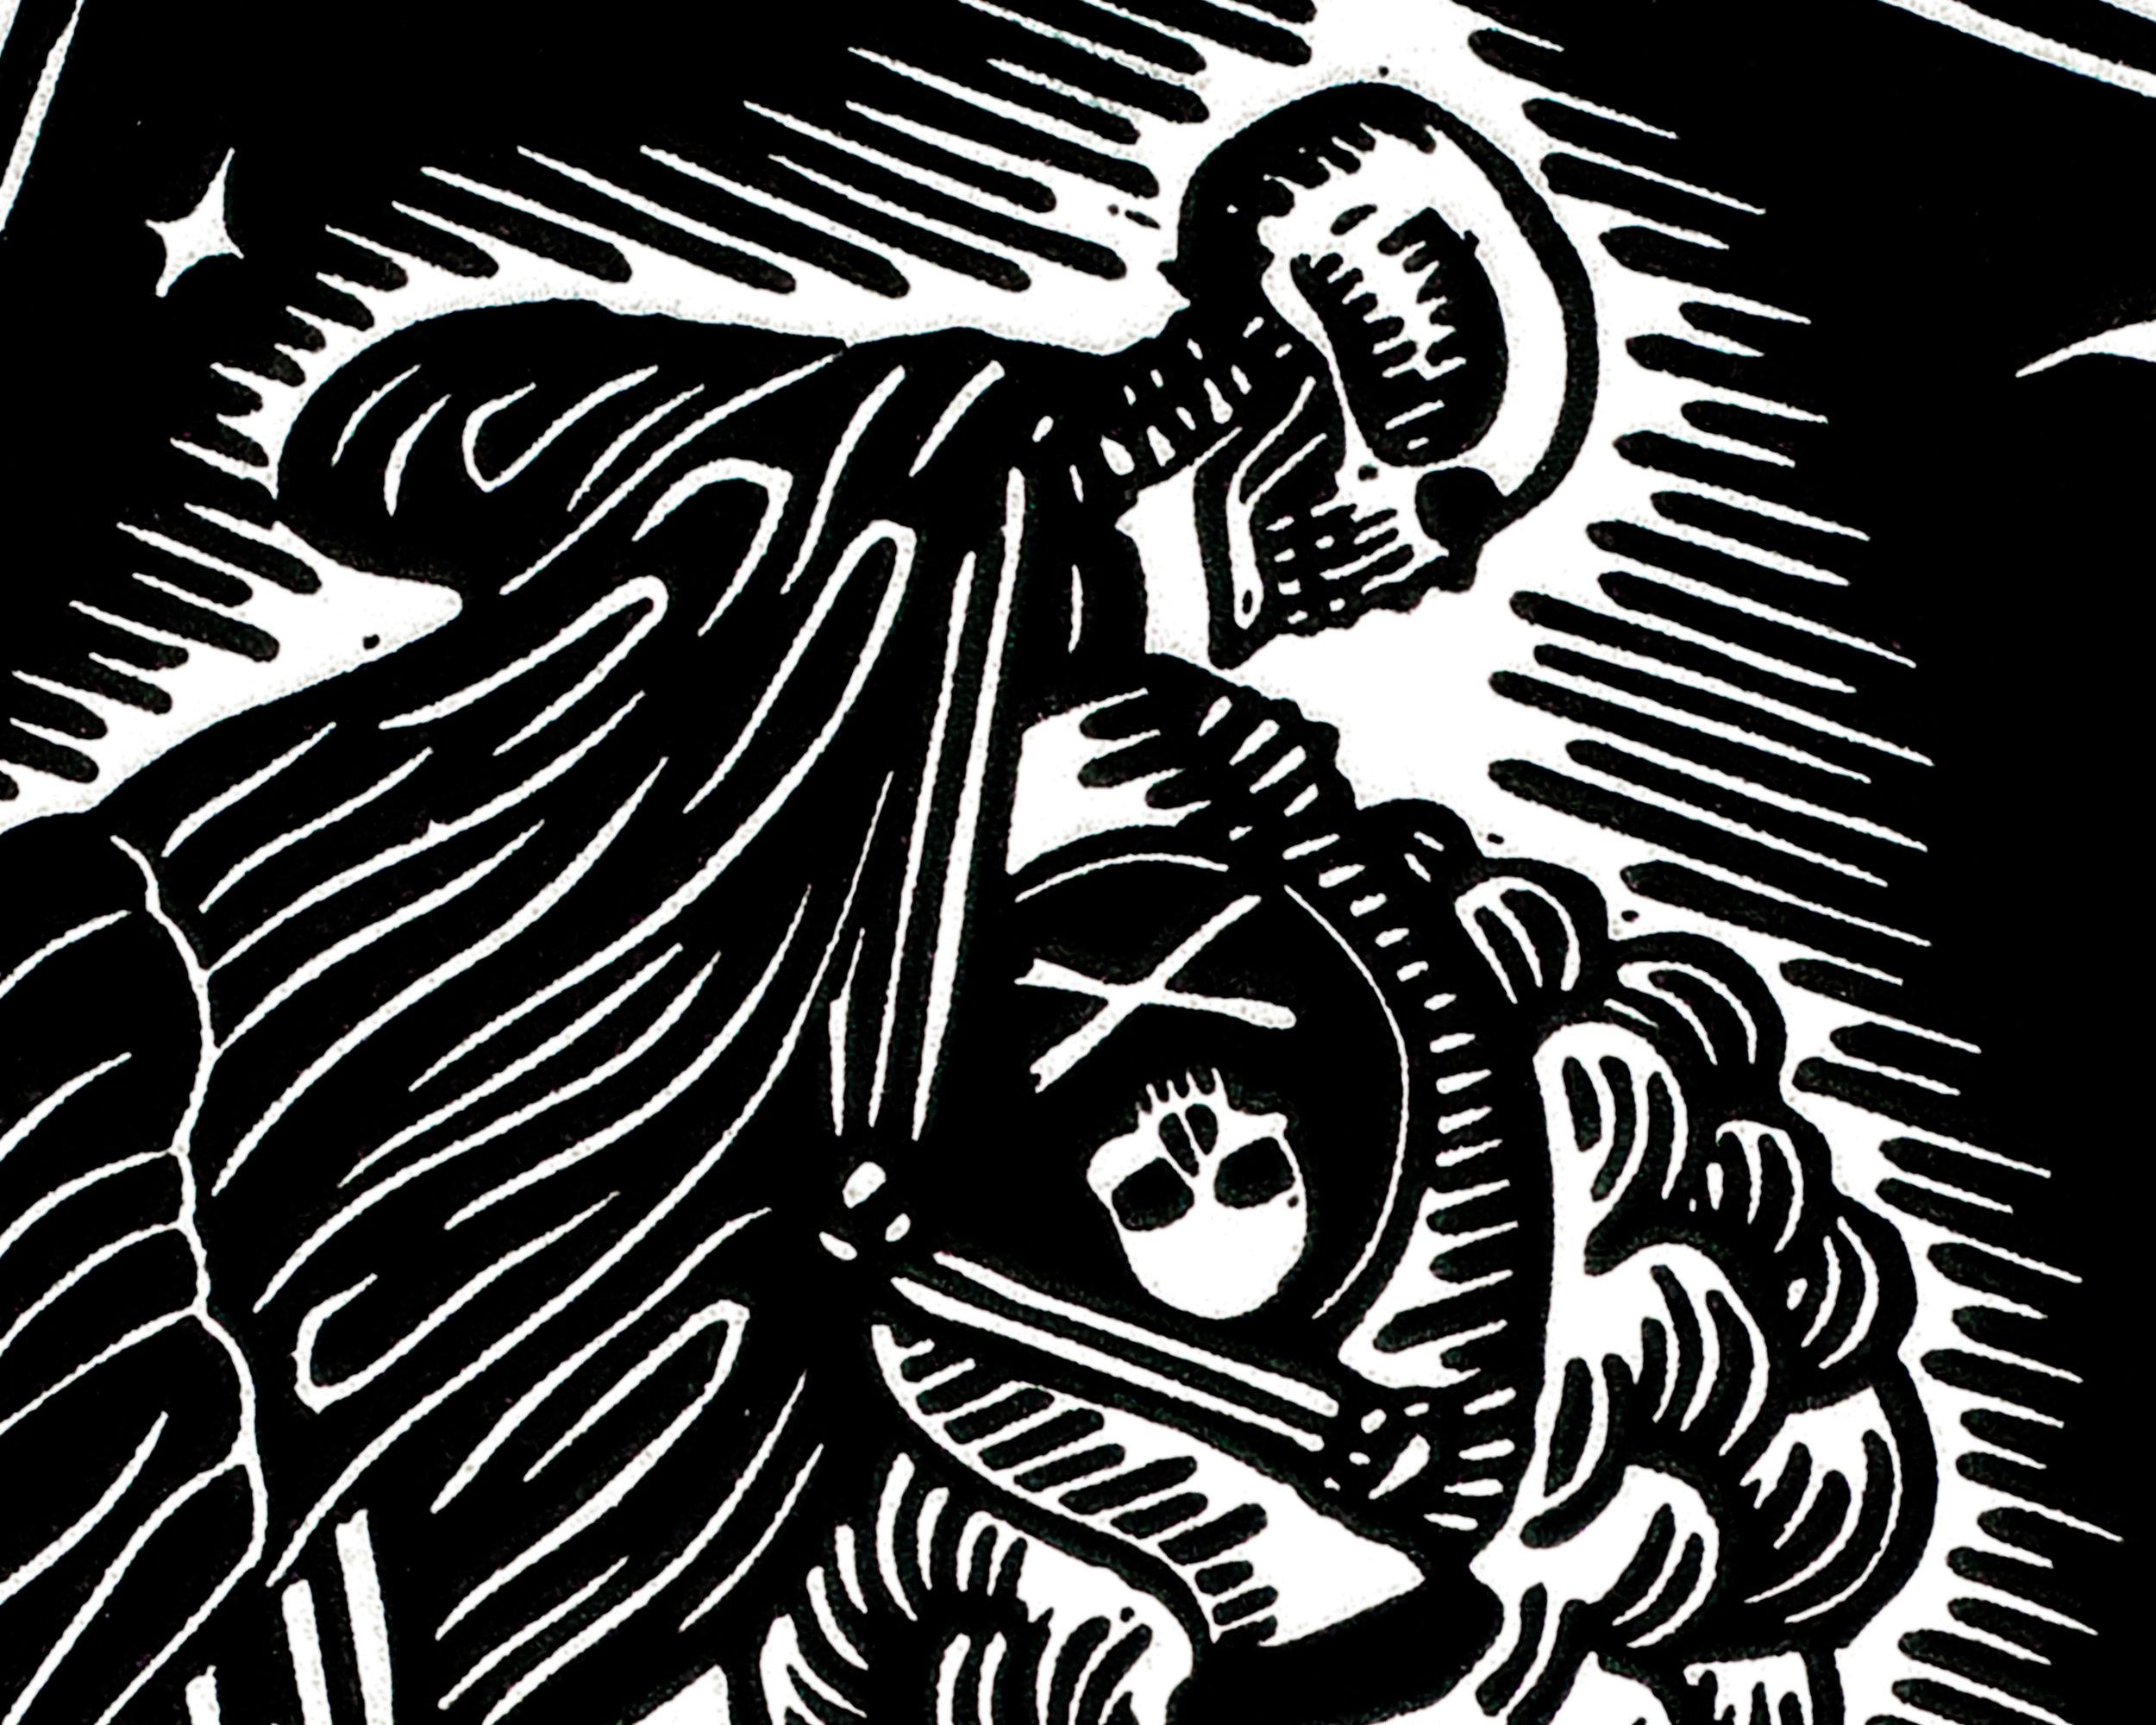 DeathWish_Detail.jpg